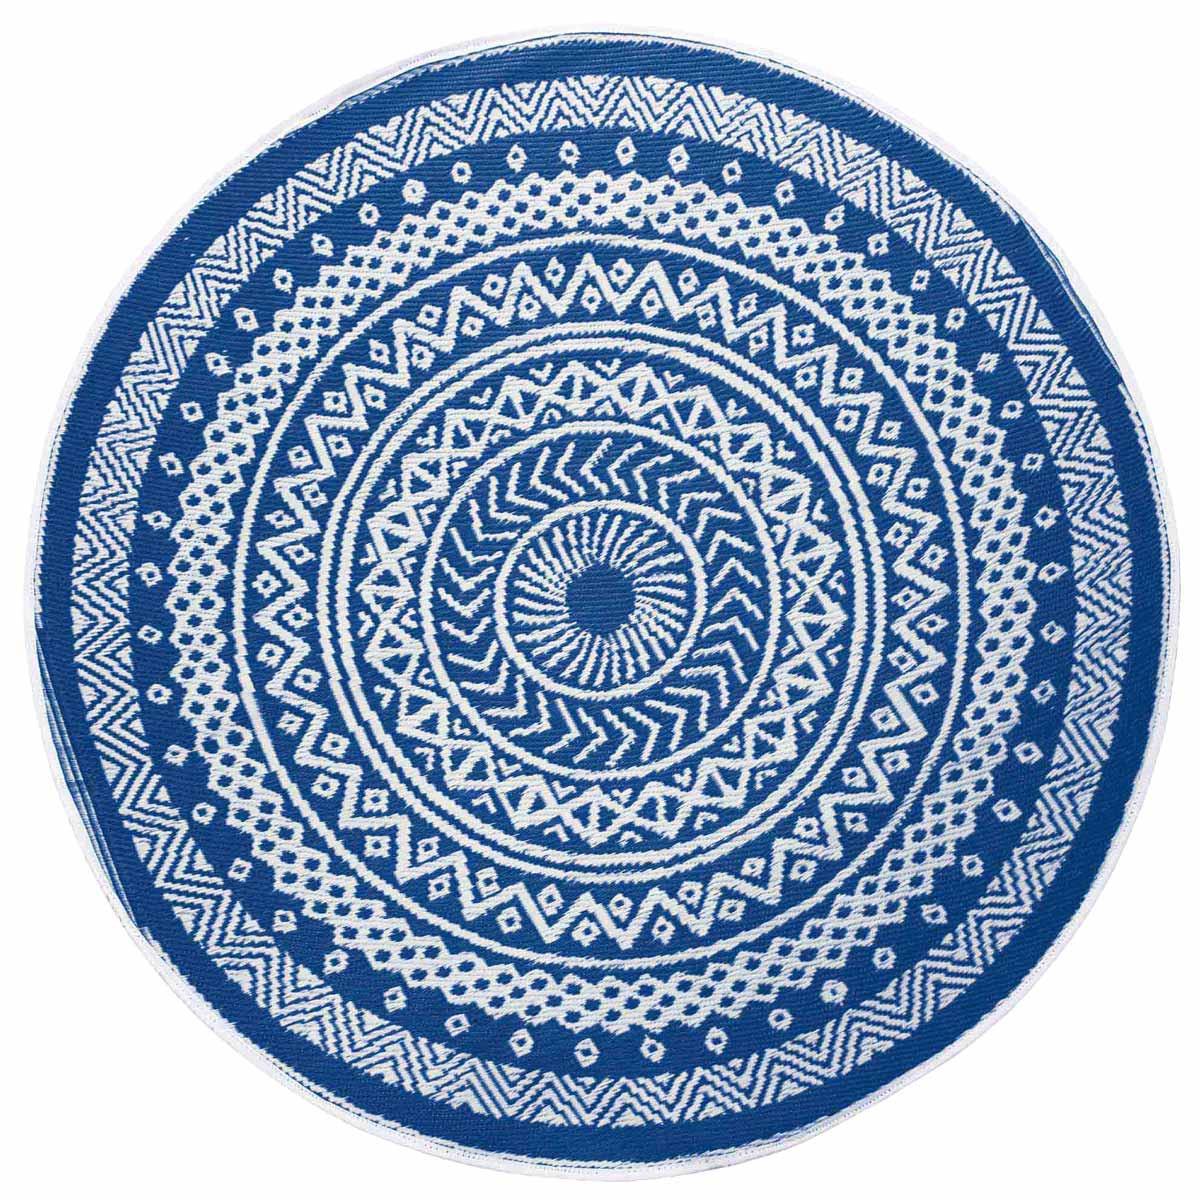 Στρογγυλό Χαλί Καλοκαιρινό (Φ150) Mandaly Bleu 1740797 home   χαλιά   χαλιά σαλονιού